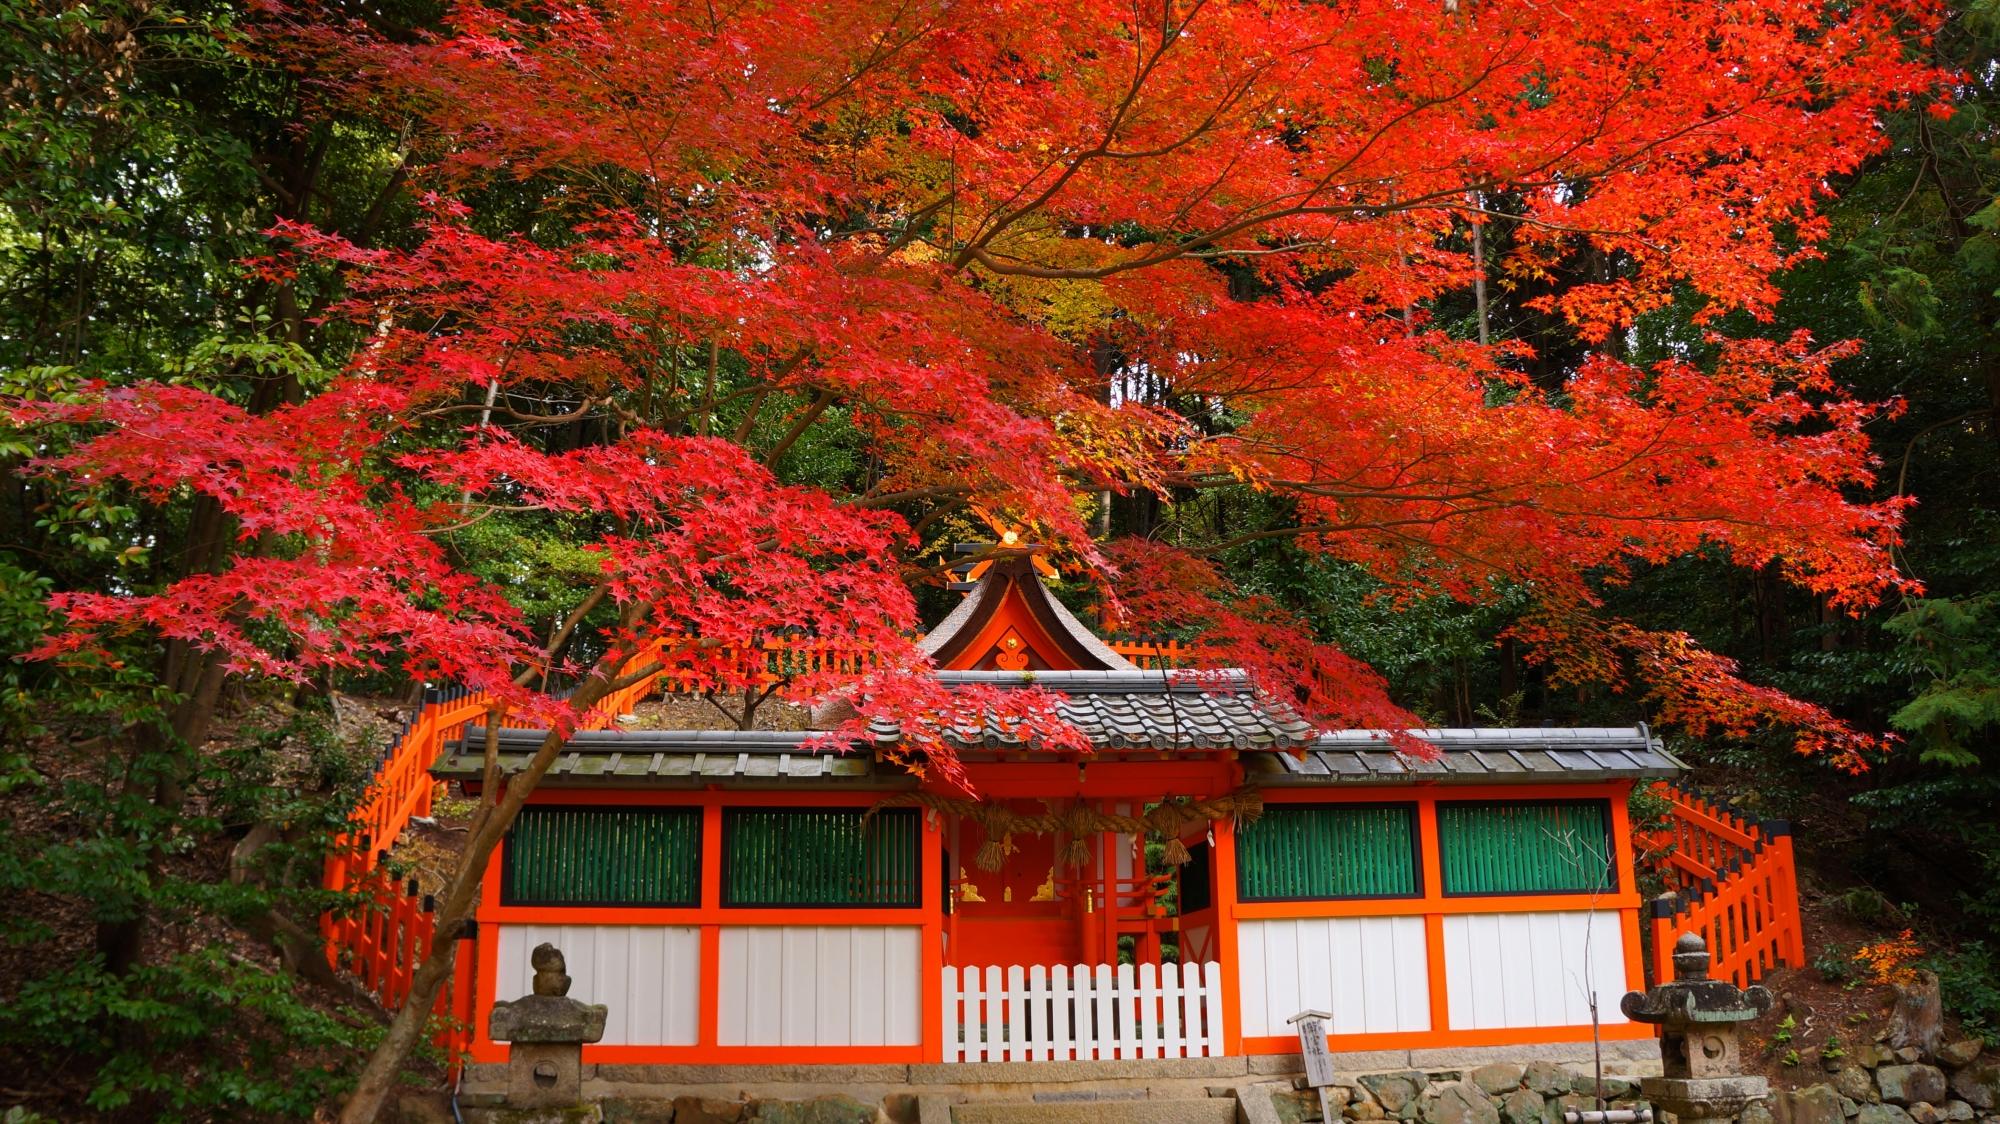 大原野神社の若宮社を覆う鮮やかな紅葉